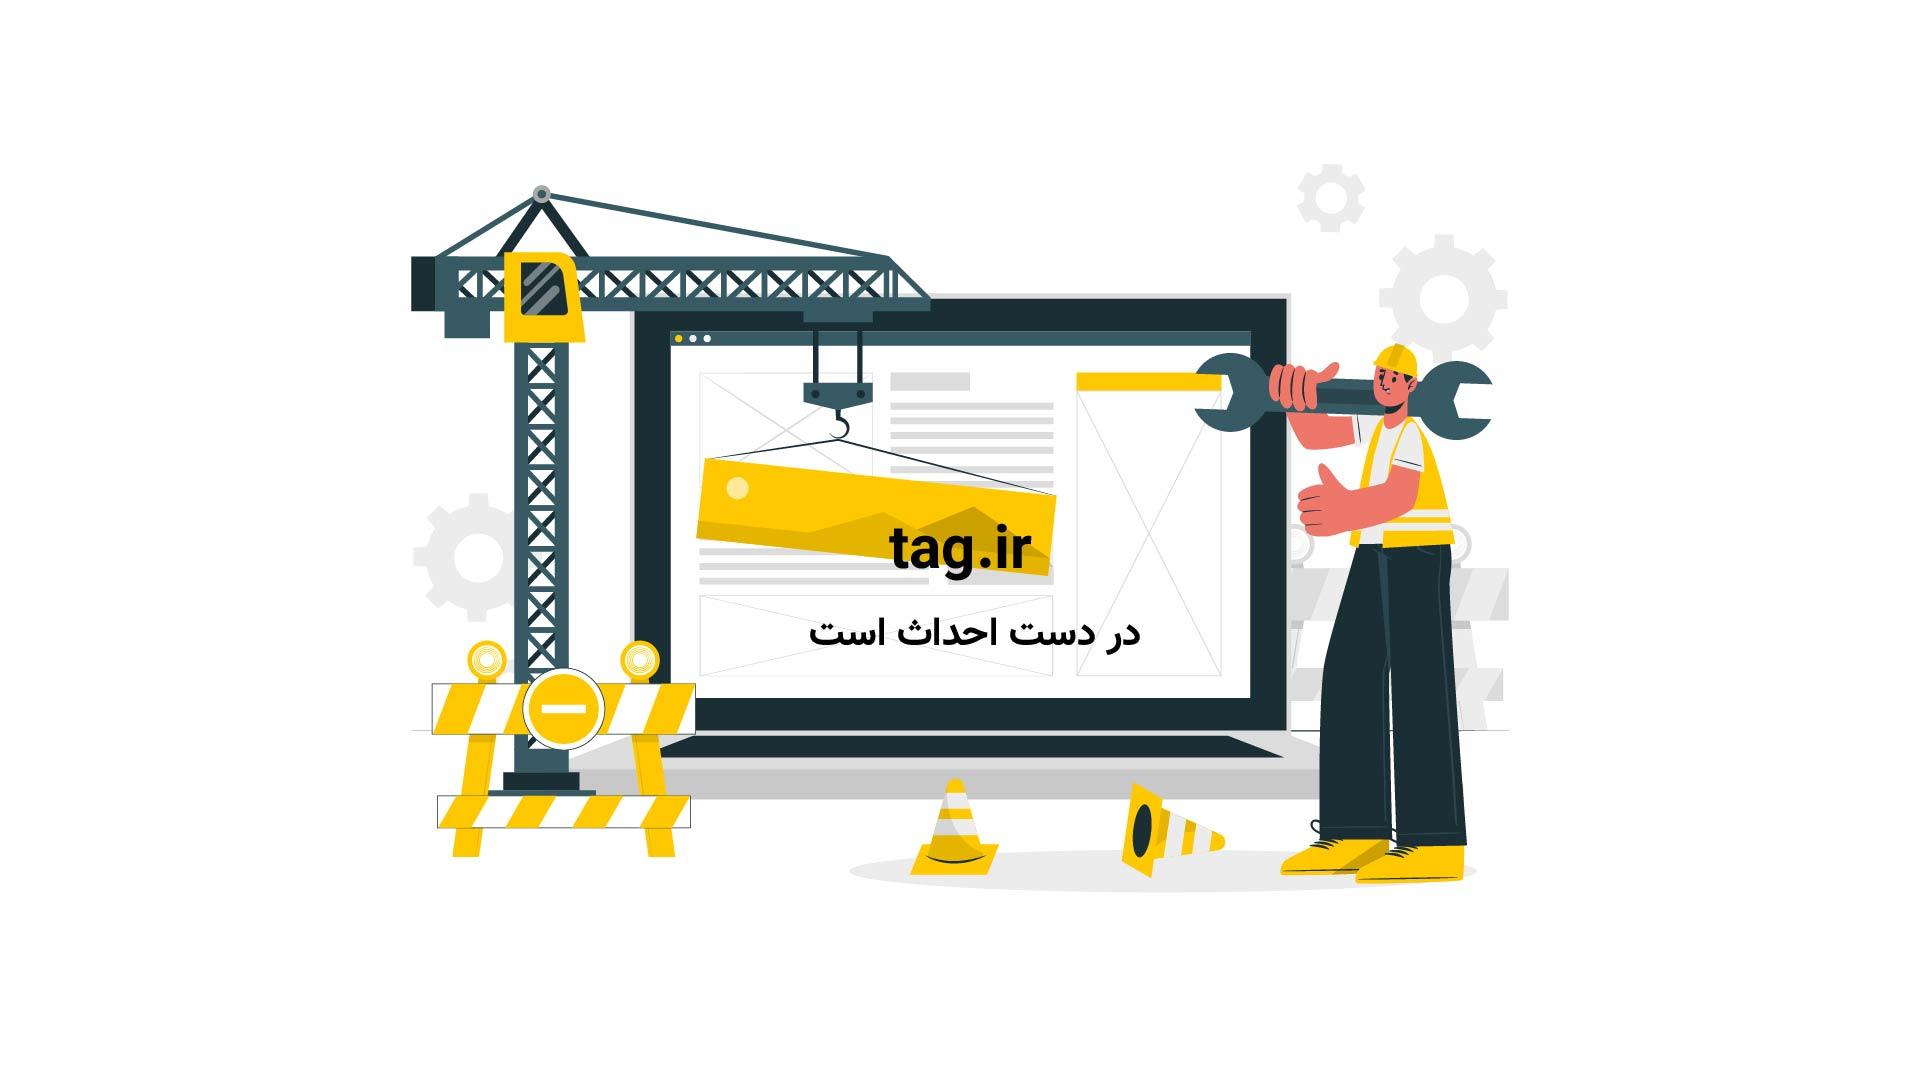 حمام شیخ اردبیل | تگ